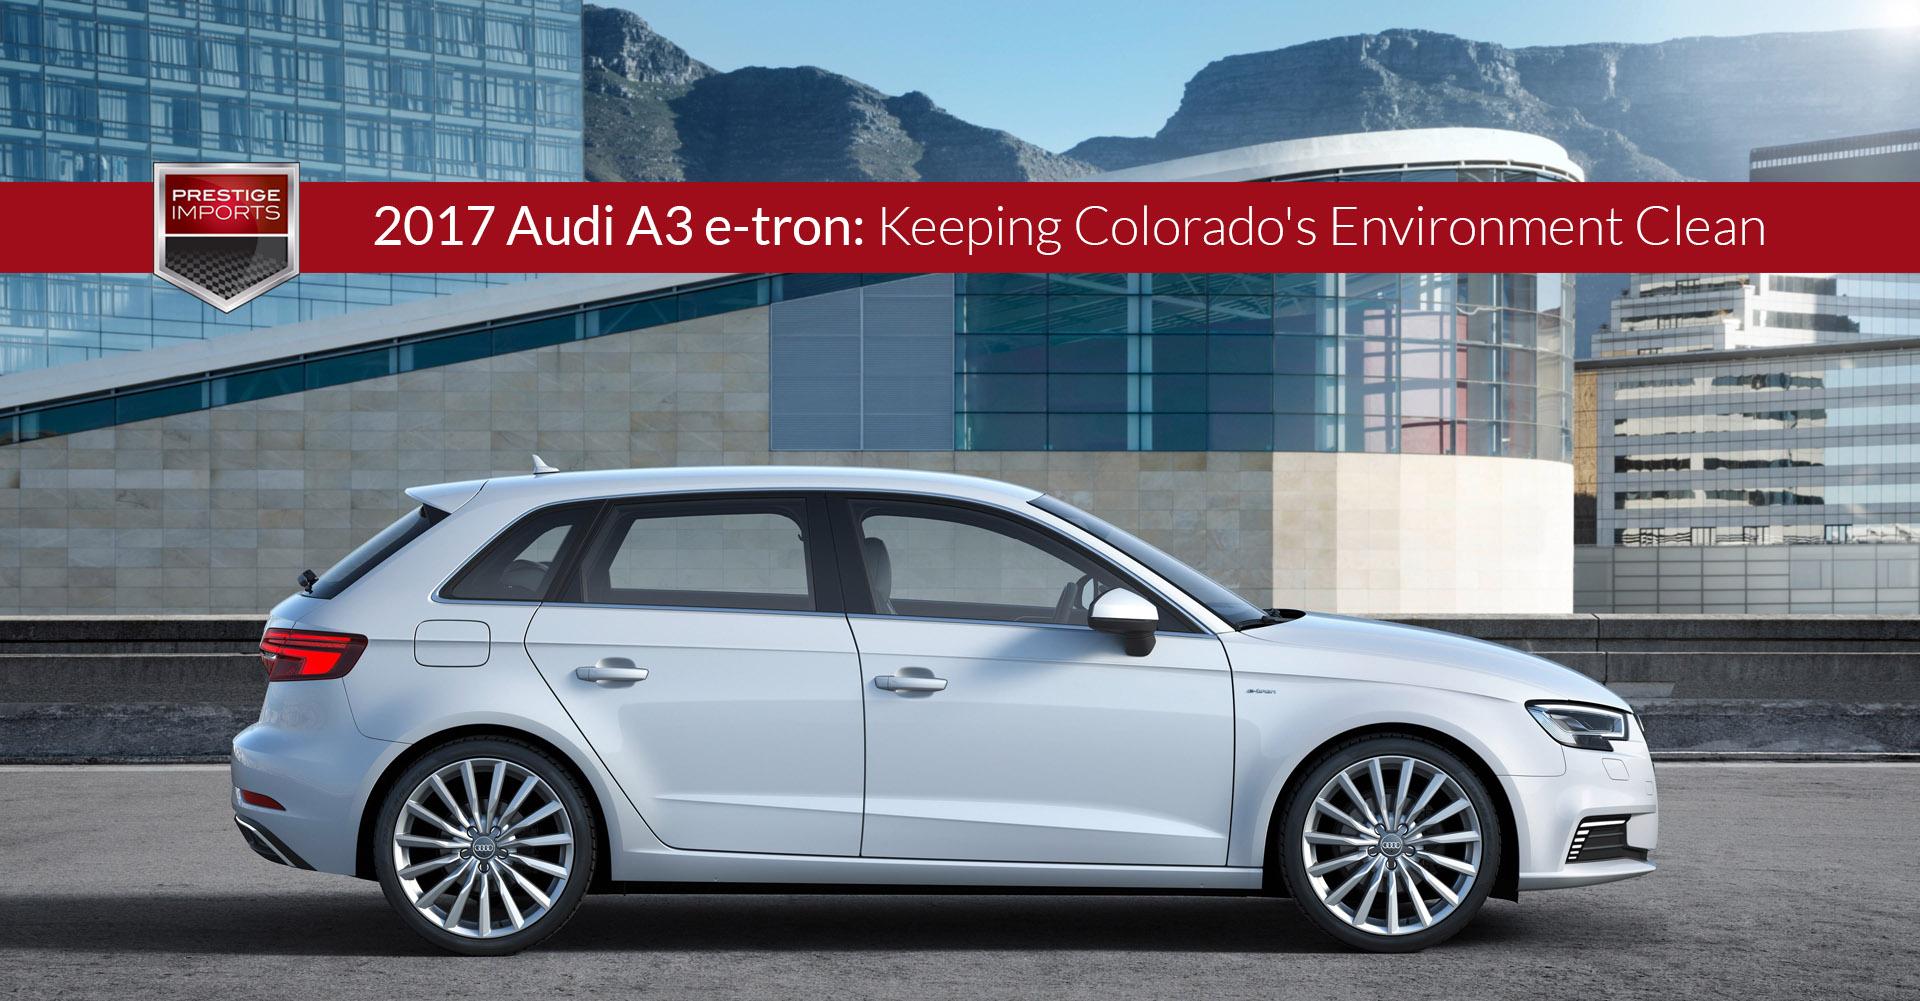 Audi A Etron Keeping Colorados Environment Clean - Audi a3 etron